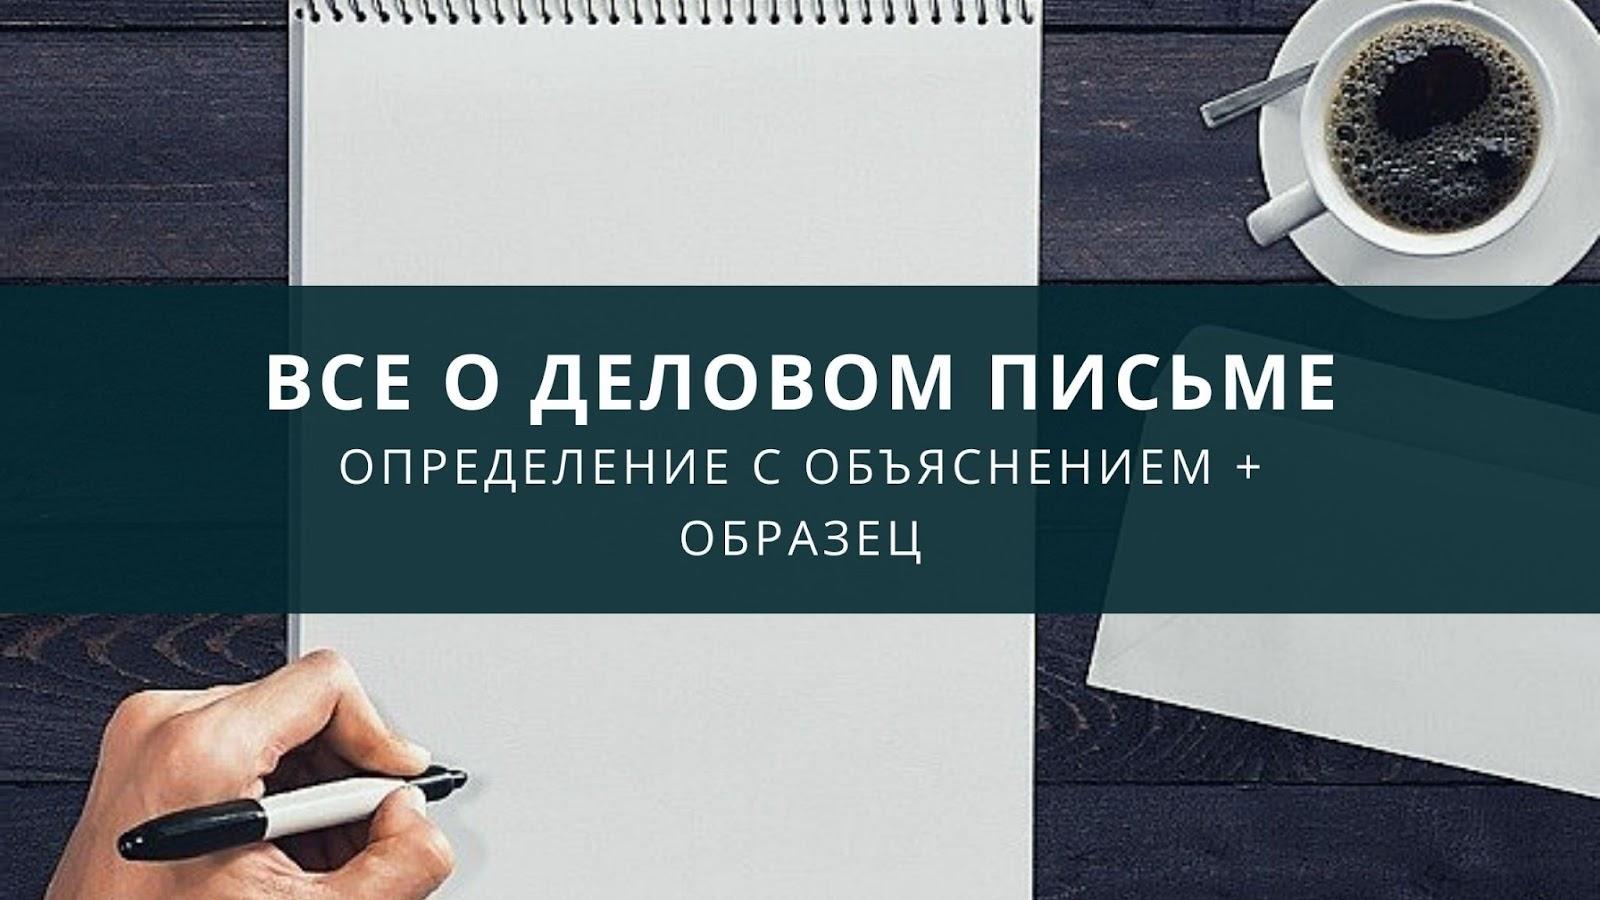 Как правильно написать официальное письмо: образец